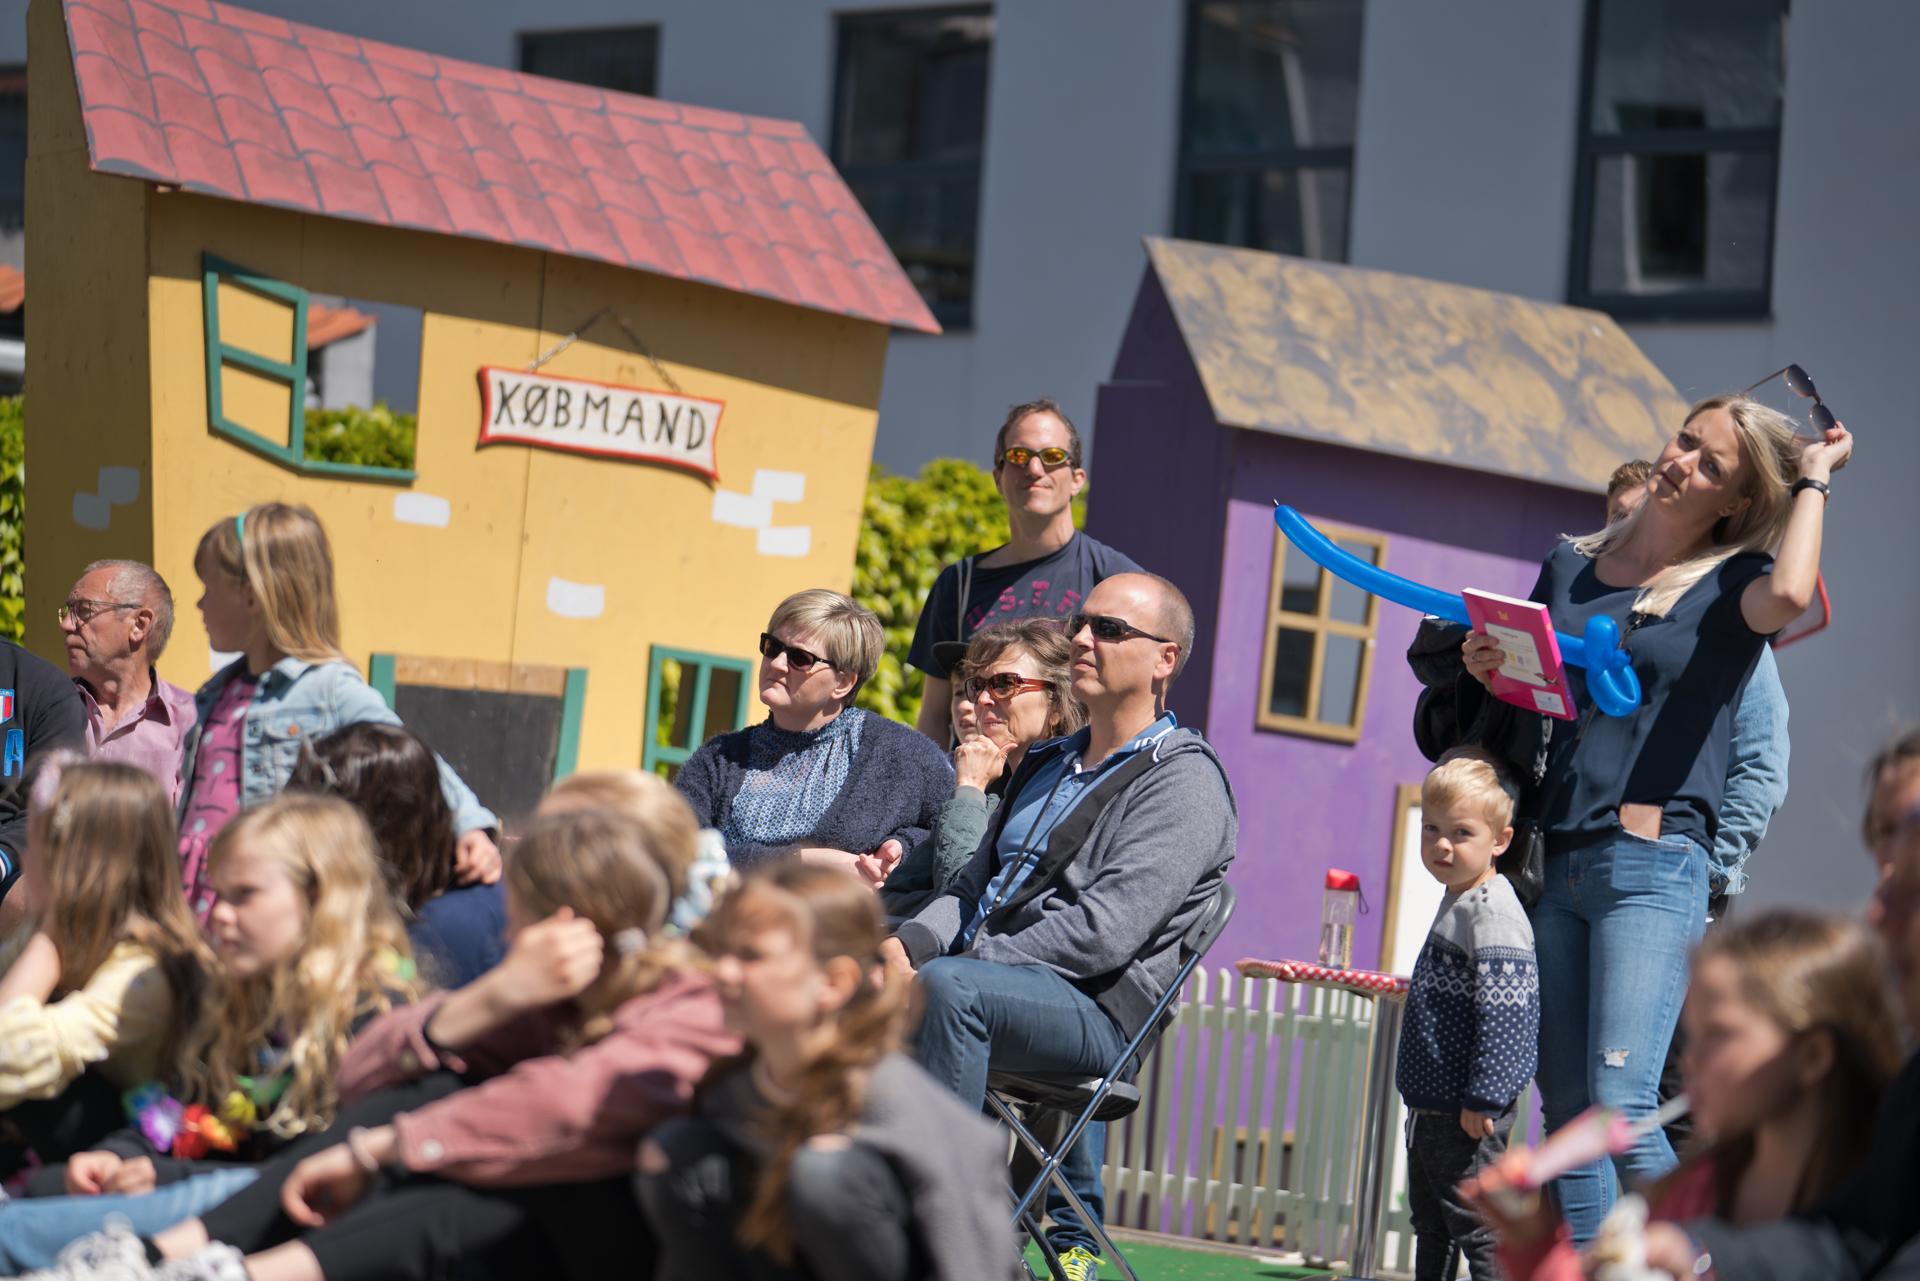 Sløngeldage lørdag - web - Fotograf Per Bille-20190525-00208.jpg